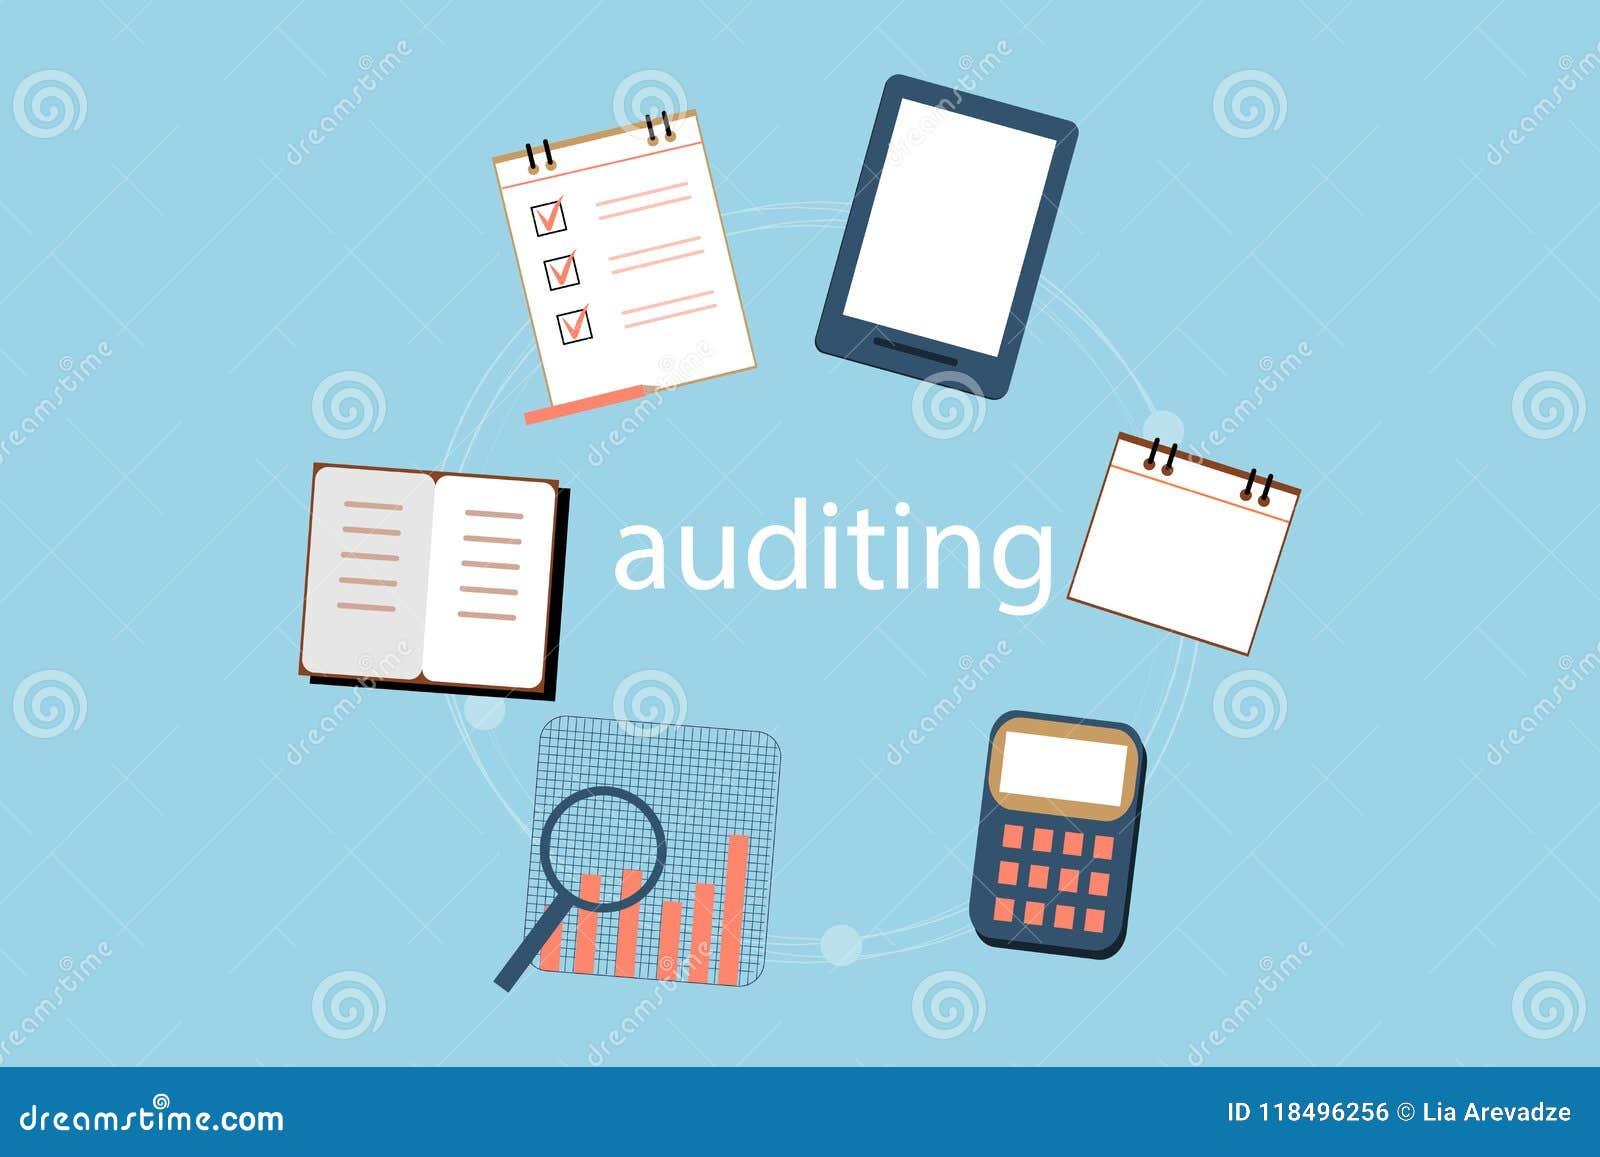 Λογιστική, φόροι, λογιστικός έλεγχος, υπολογισμός, ανάλυση στοιχείων και υποβολή εκθέσεων των εννοιών Επίπεδο σχέδιο απεικόνισης